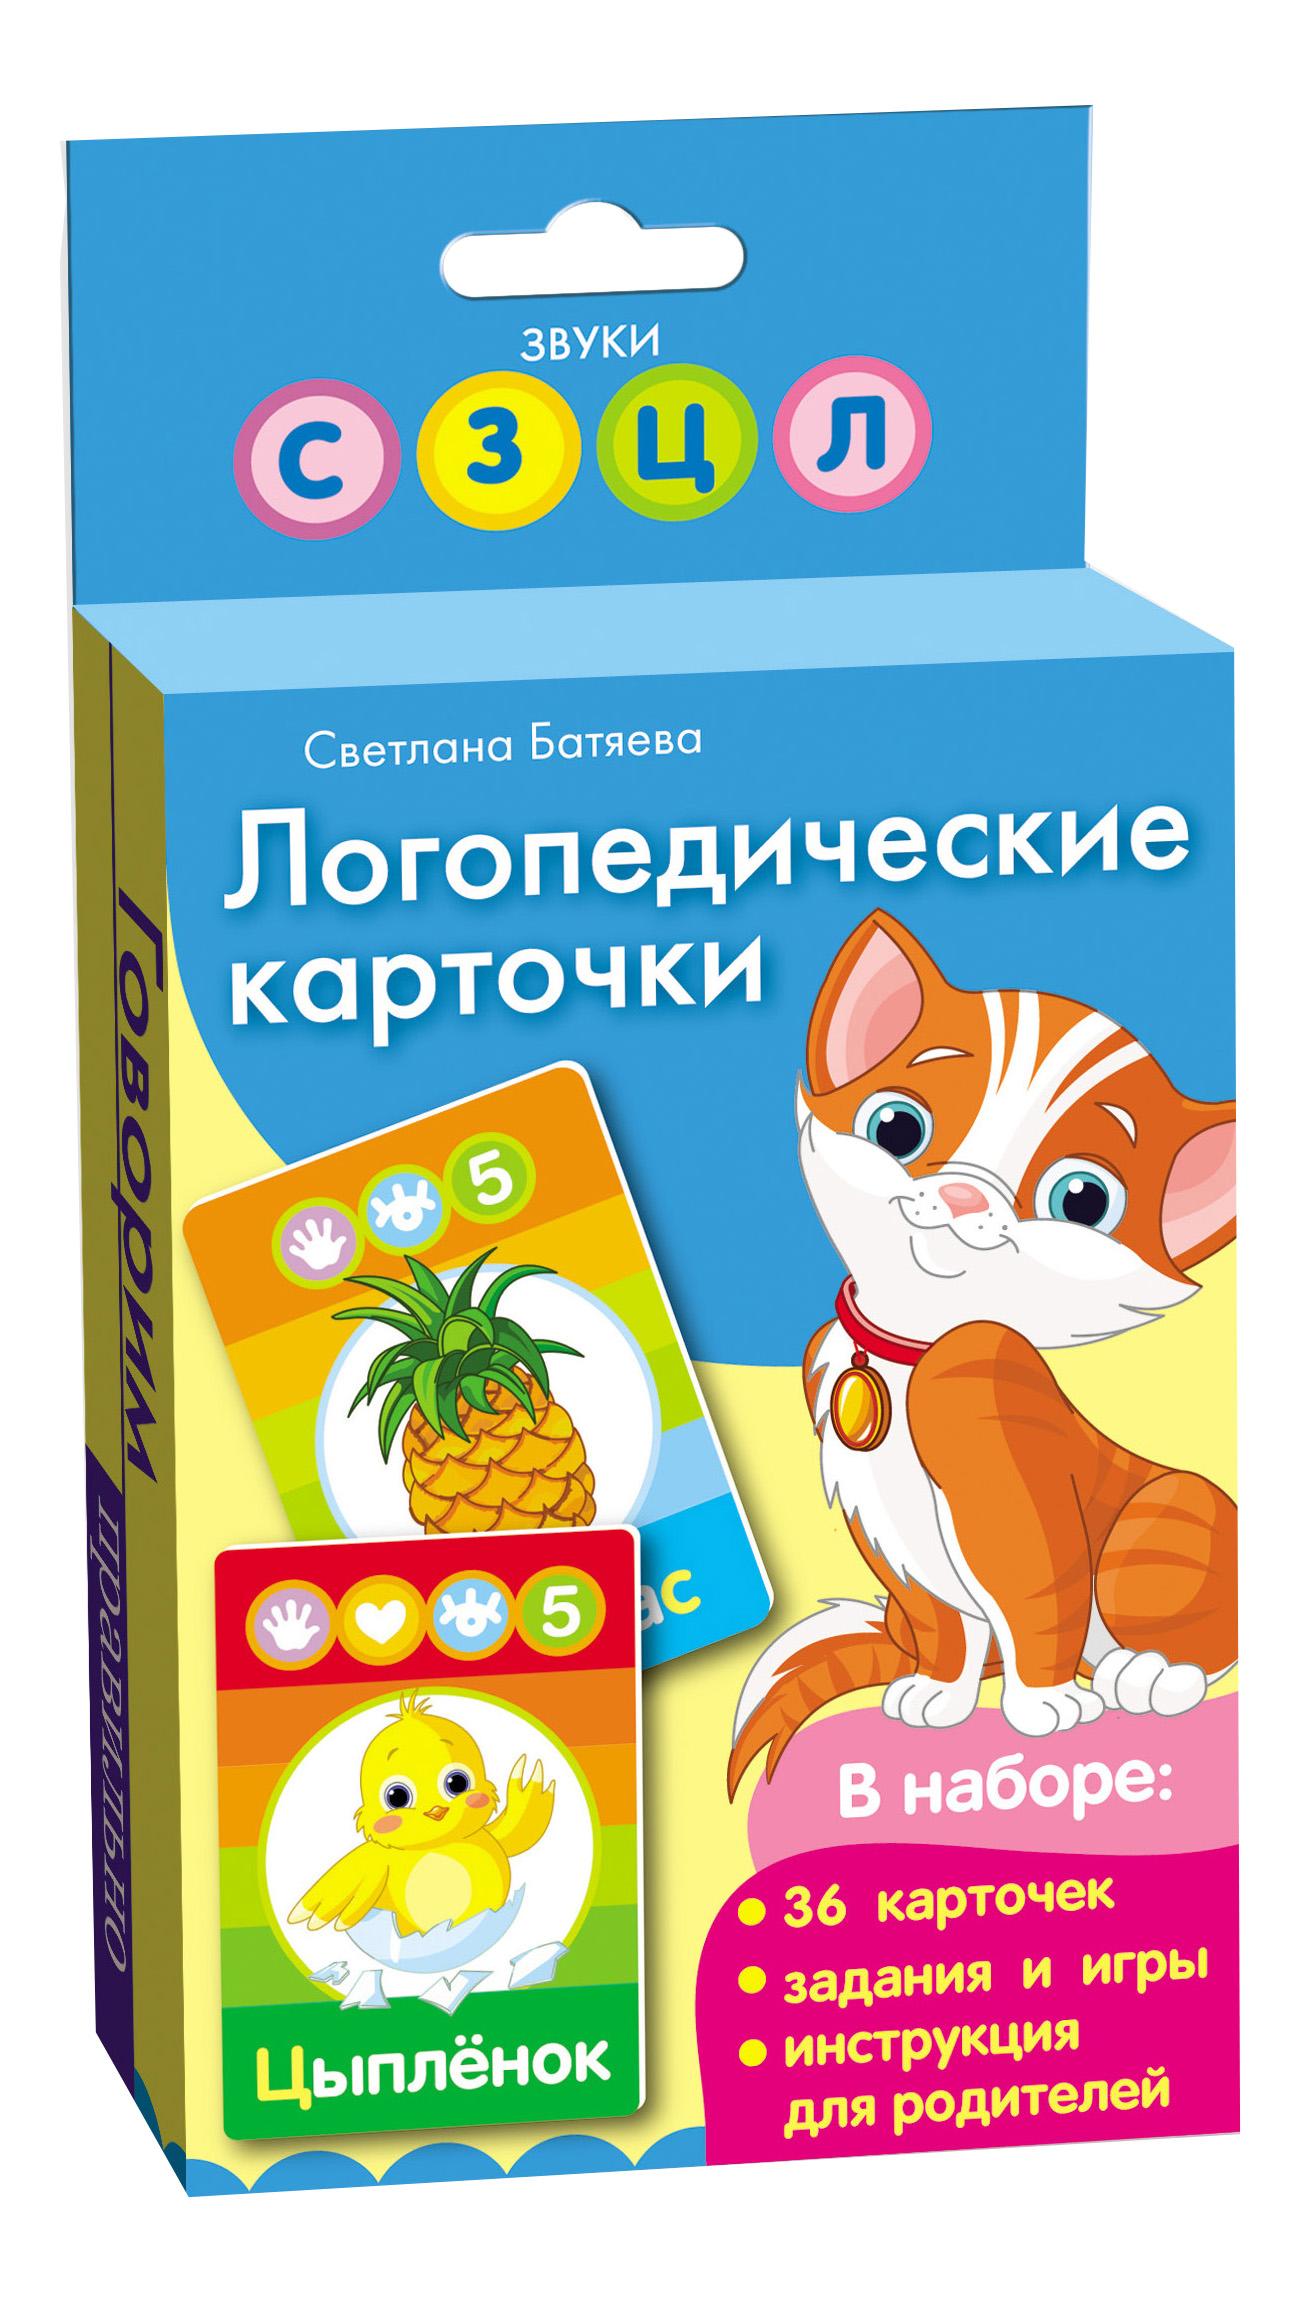 Купить Логопедические карточки (Кошка). Батяева С.В., Кошка. Логопедические карточки 17248, NoBrand, Развивающие игрушки